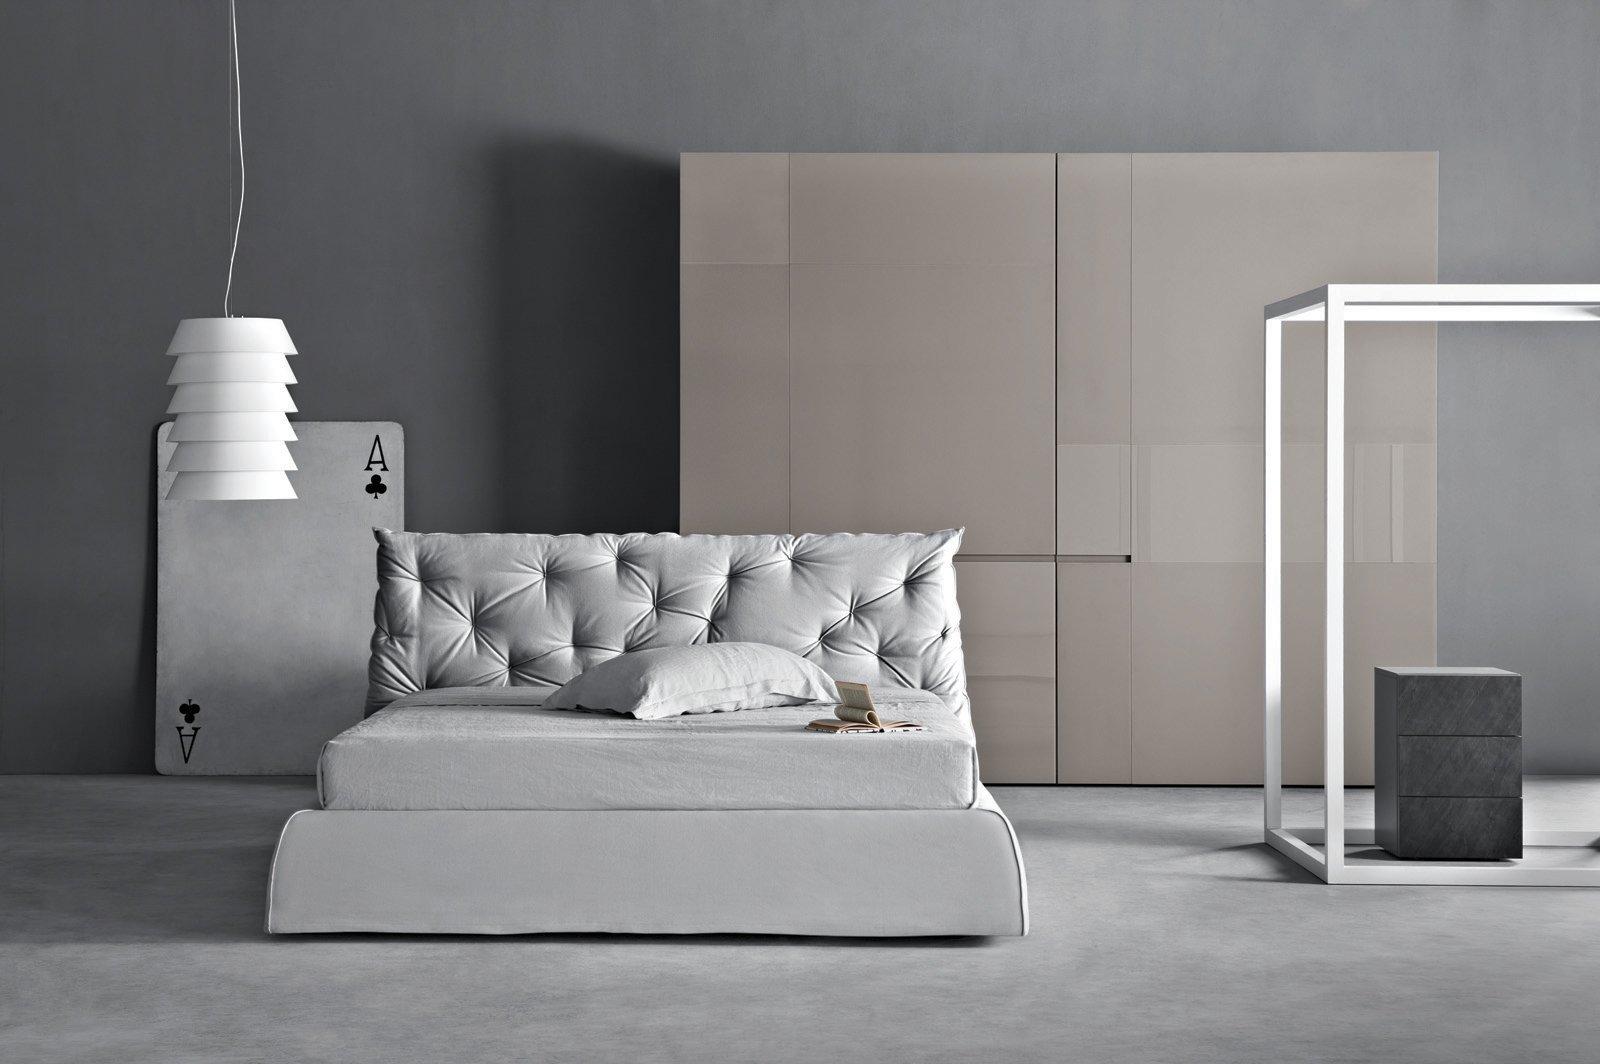 Il letto matrimoniale Impunto di Pianca (design CR&D Pianca) è ...